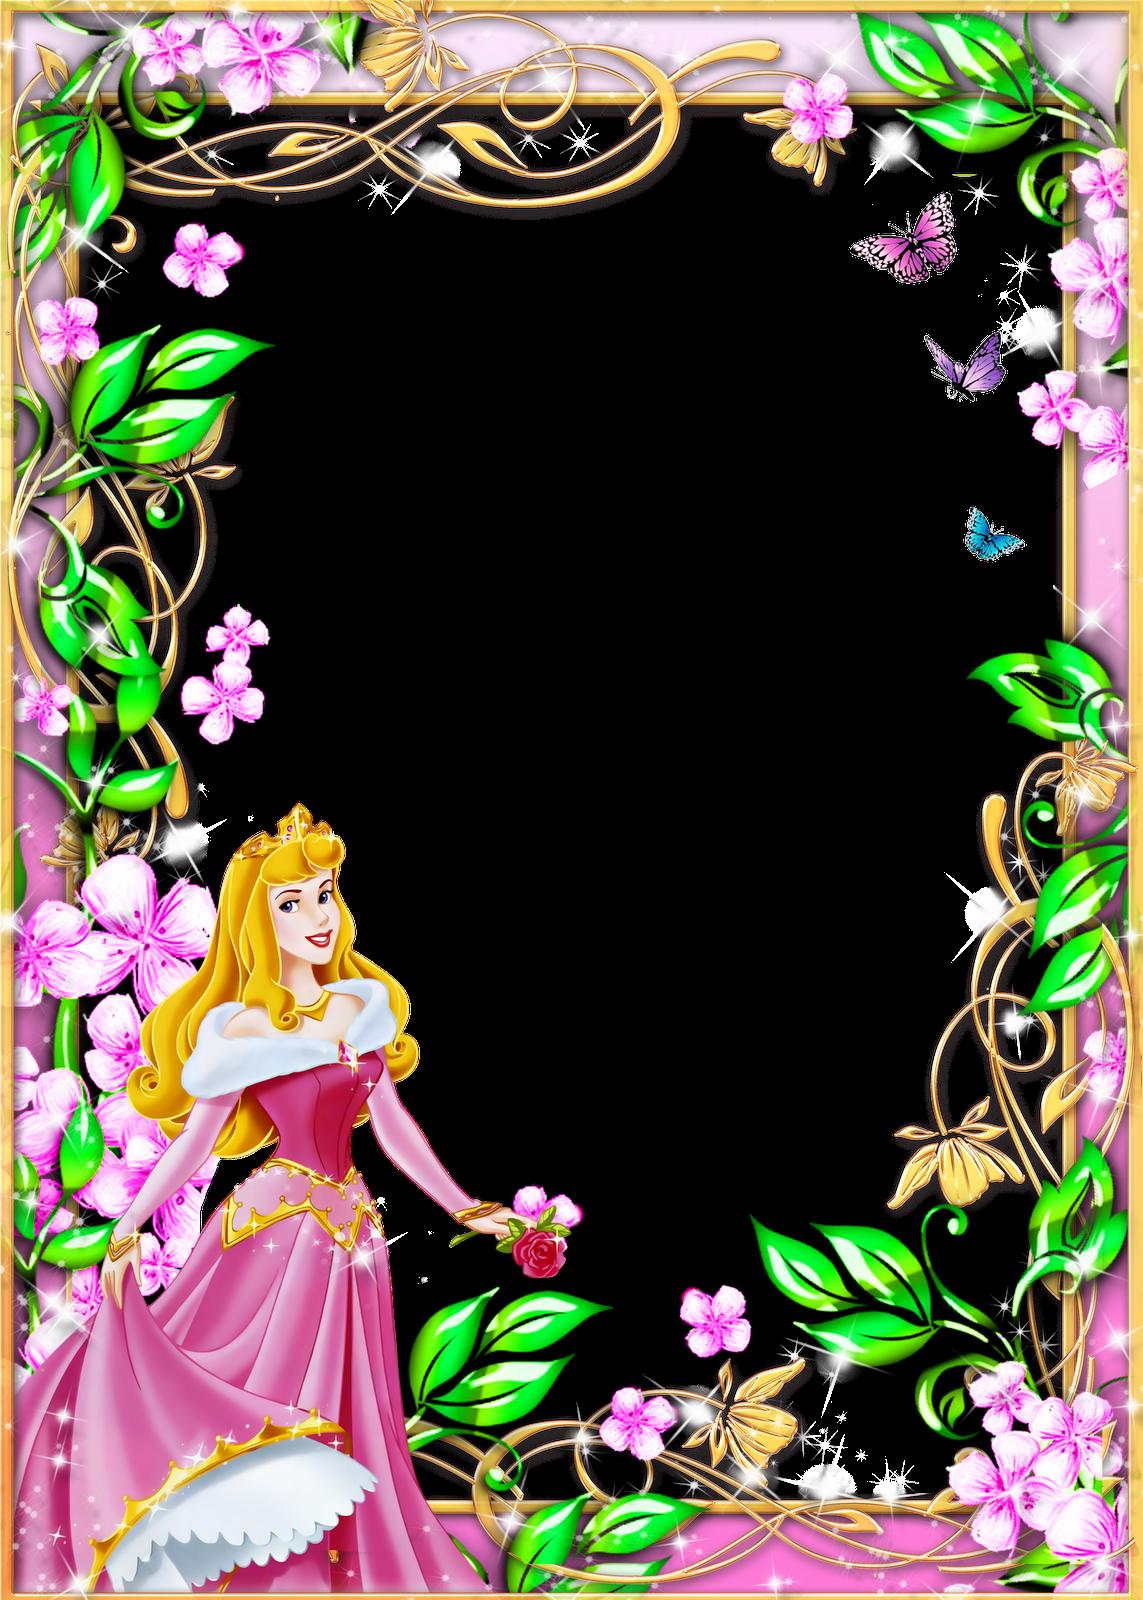 Disney Png Frame images